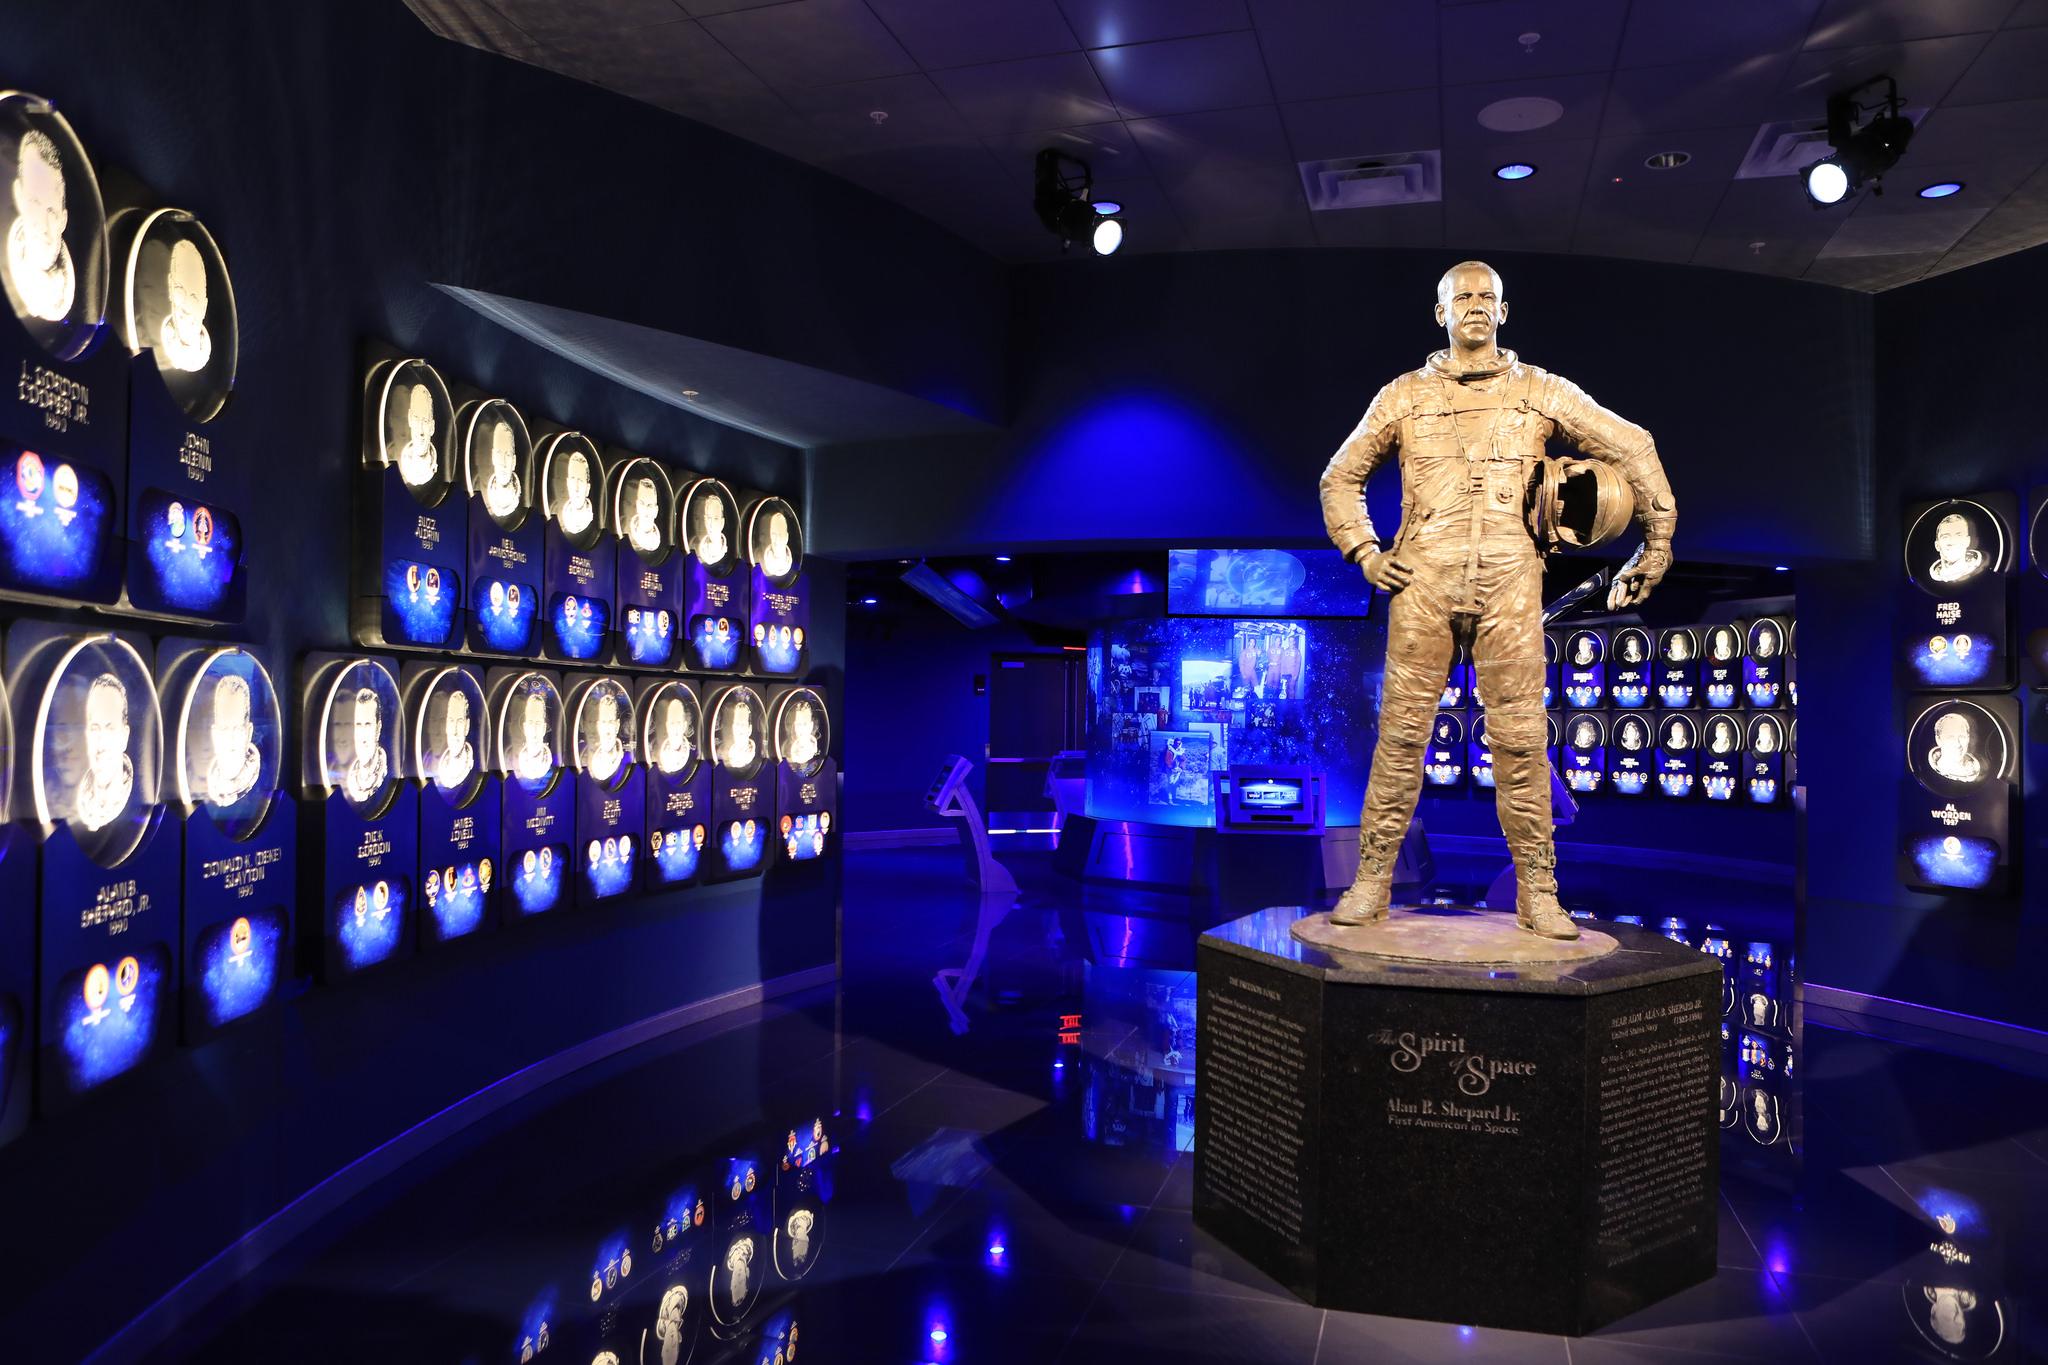 Mein Schiff Sehenswürdigkeit: Astronaut Hall of Fame im Kennedy Space Center